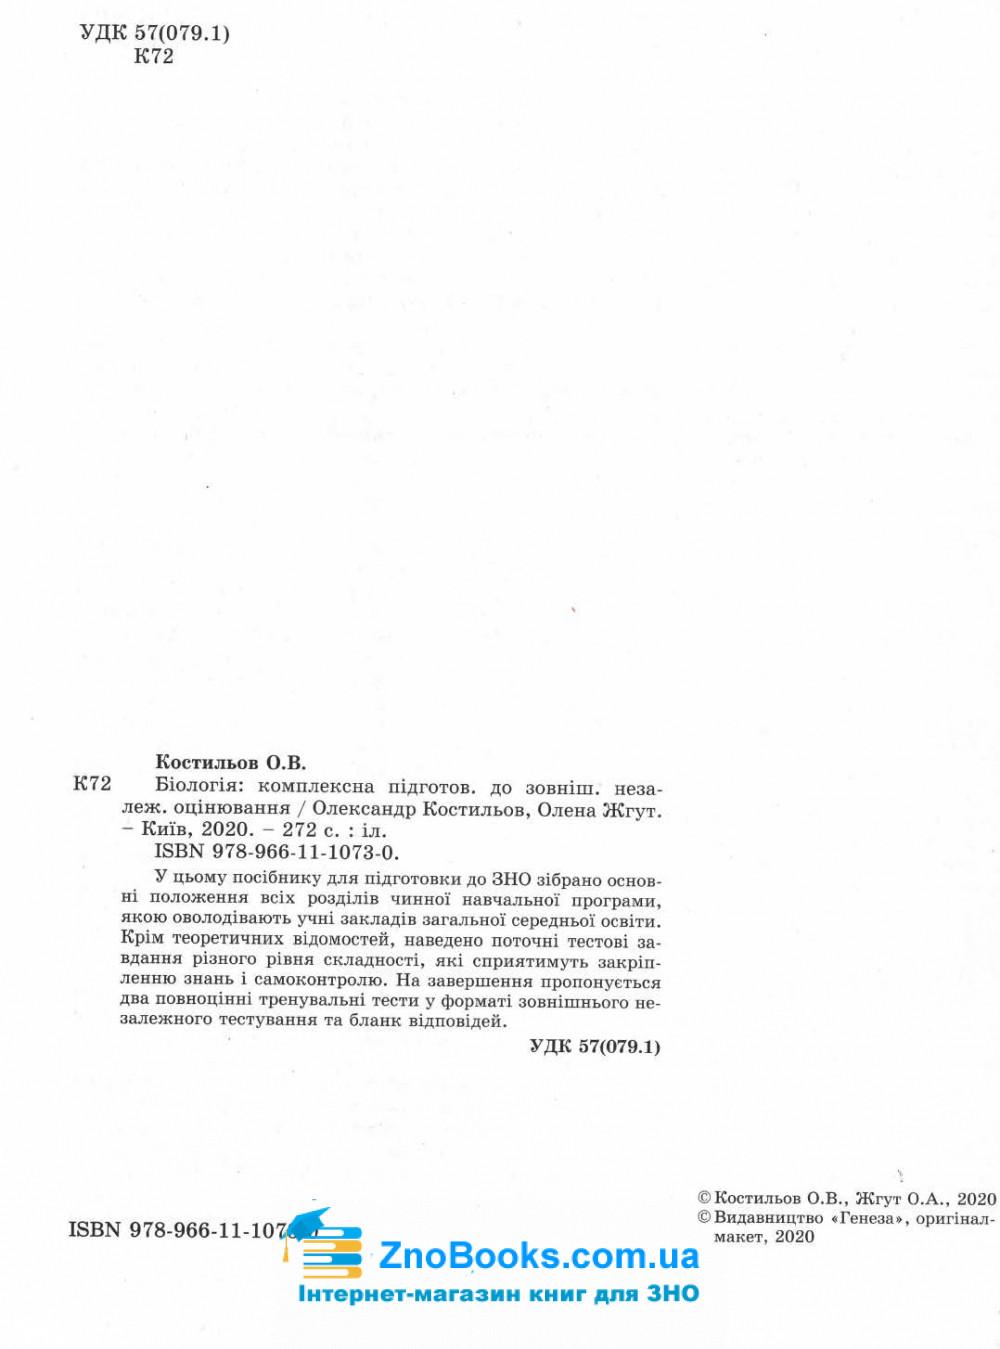 Біологія ЗНО 2022. Комплексна підготовка + онлайн тренування : Костильов О., Жгут О. Генеза. купити 2